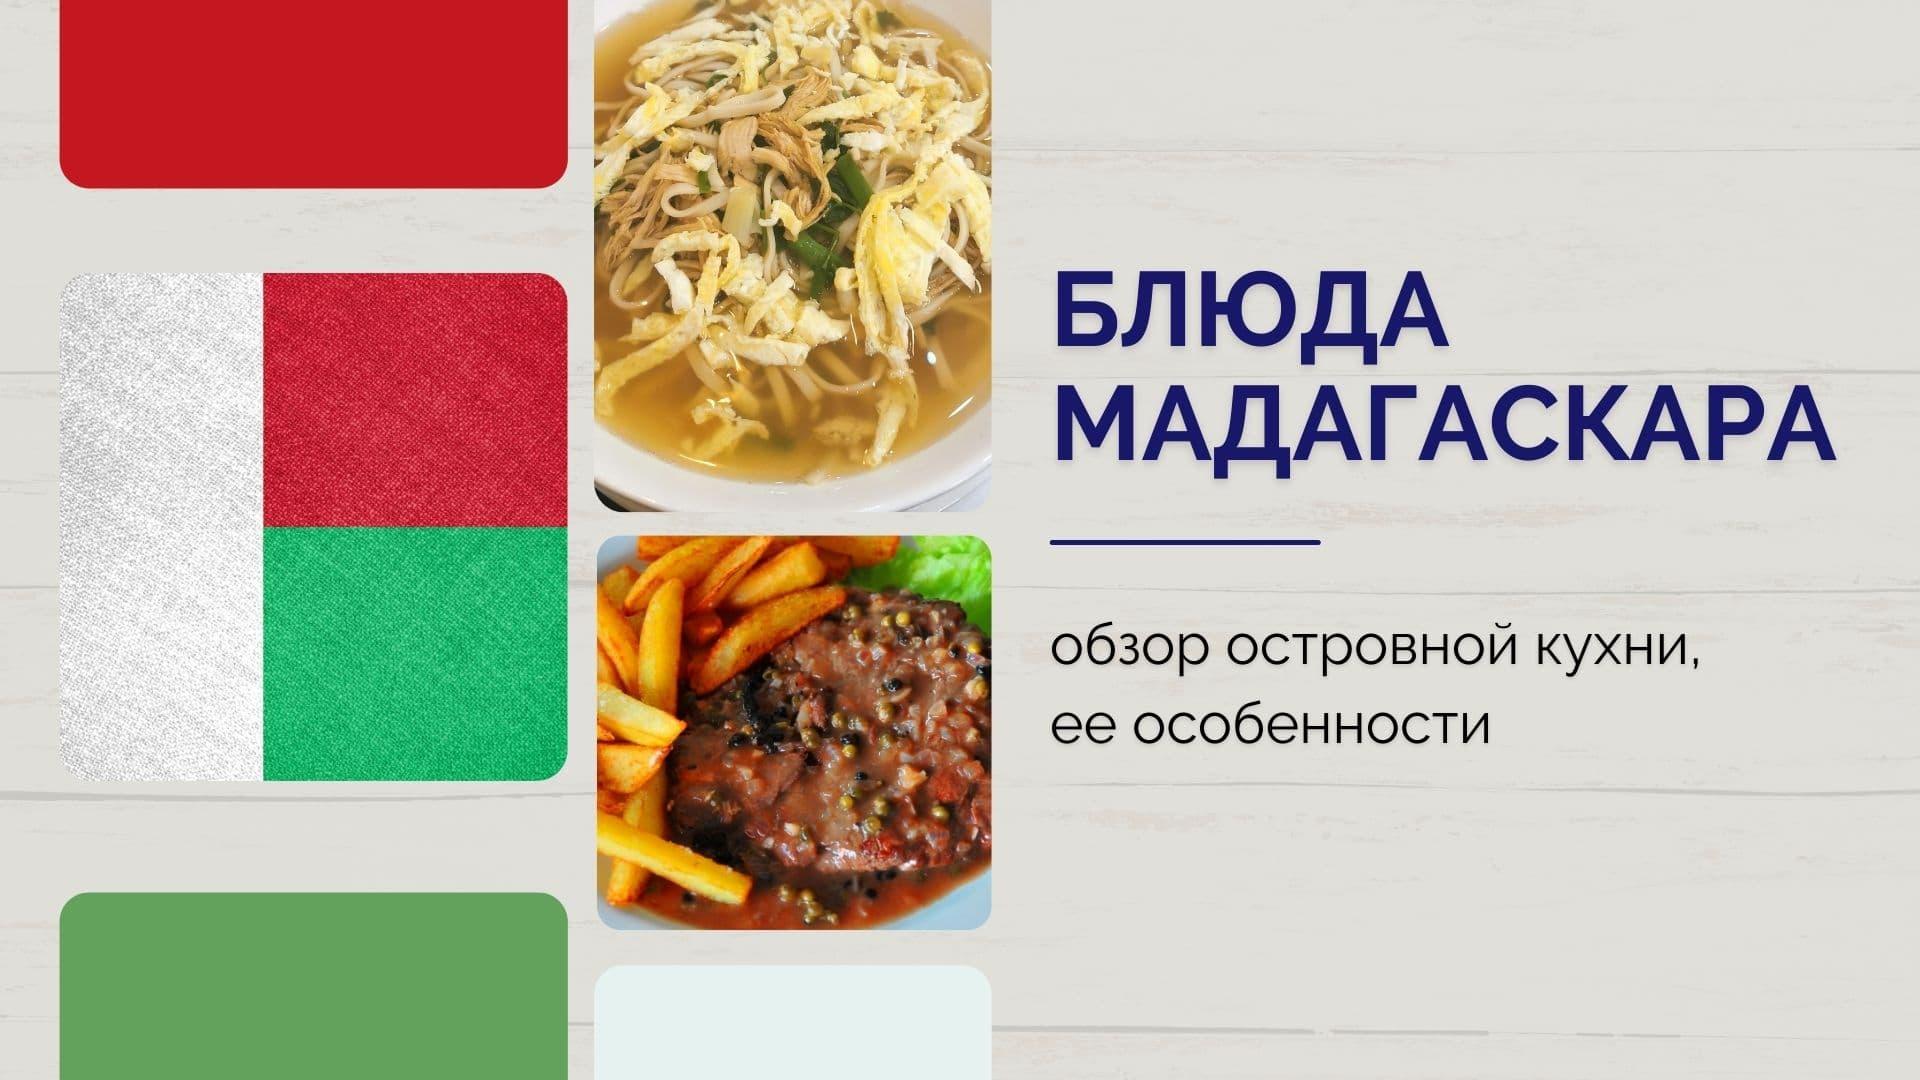 Блюда Мадагаскара: обзор островной кухни, ее особенности